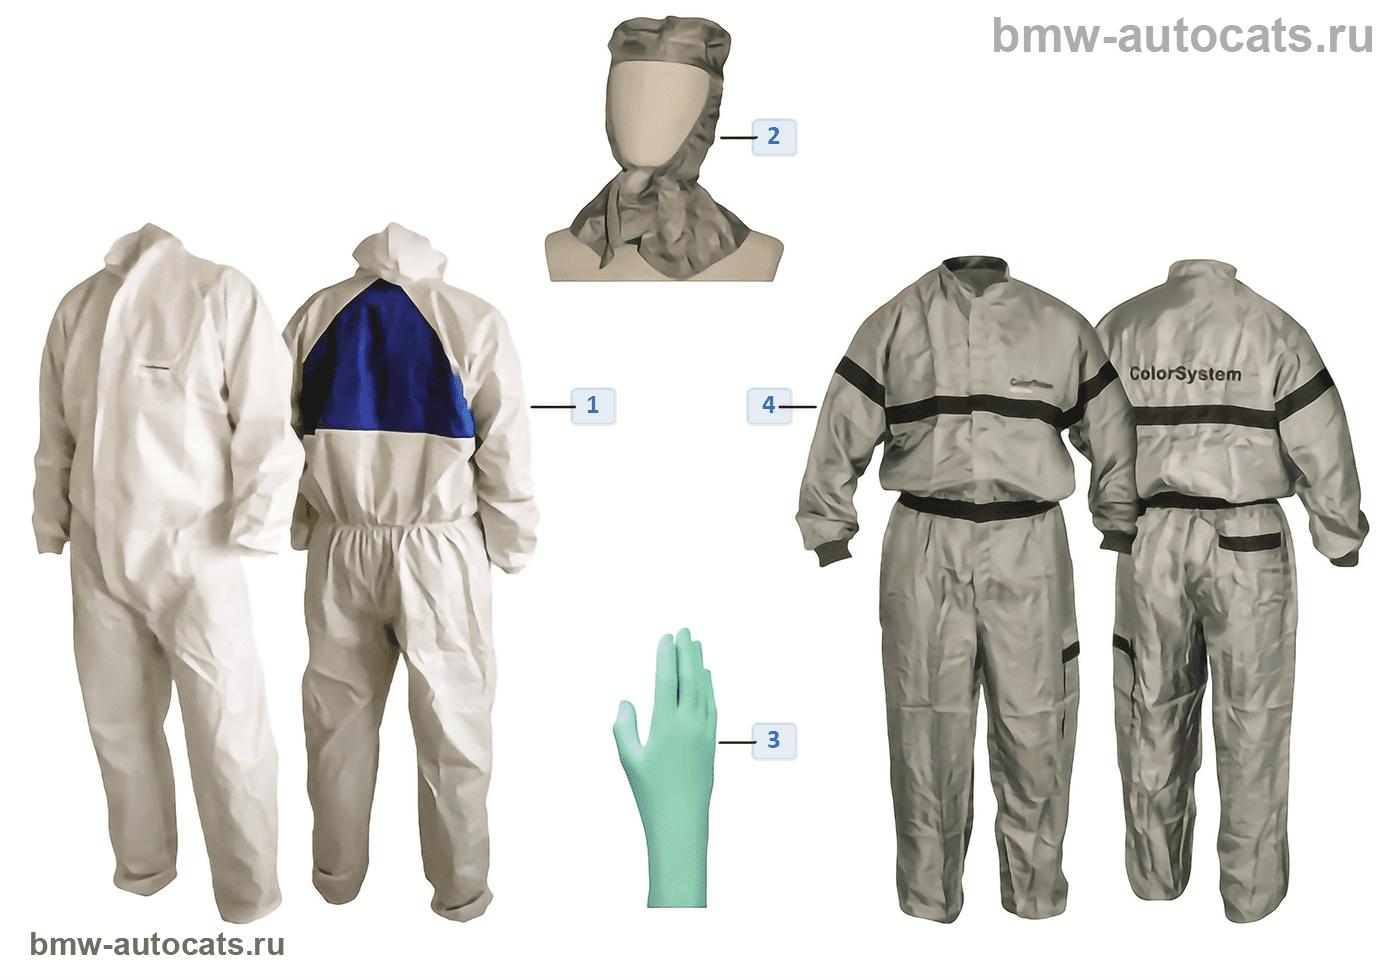 Защитная одежда для лакокрасочных работ